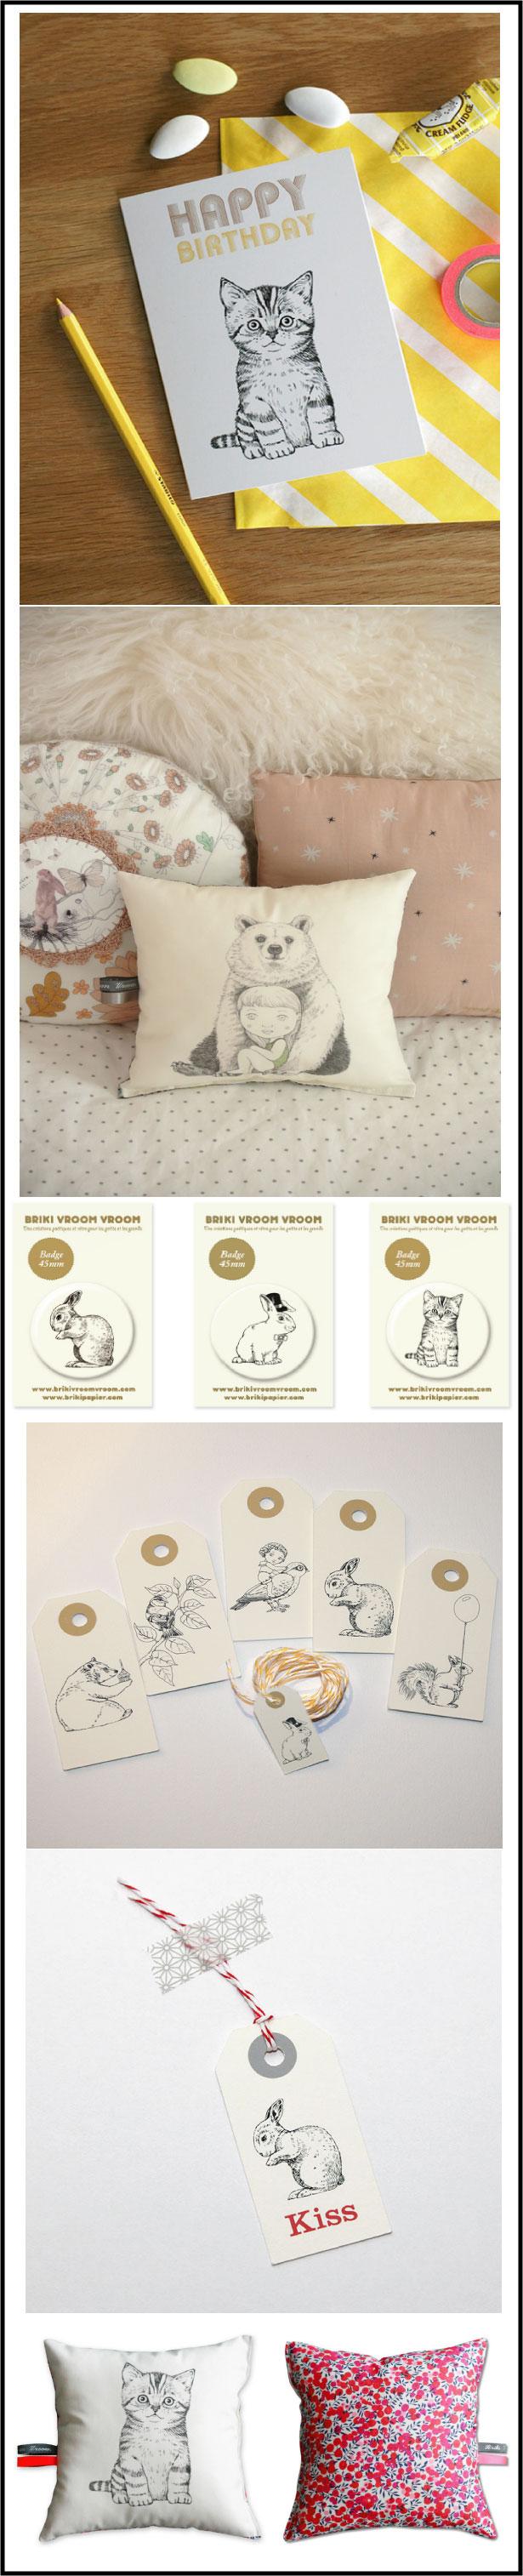 BRIKI-VROOM-VROOM créations poetiques et retro pour chambres enfants